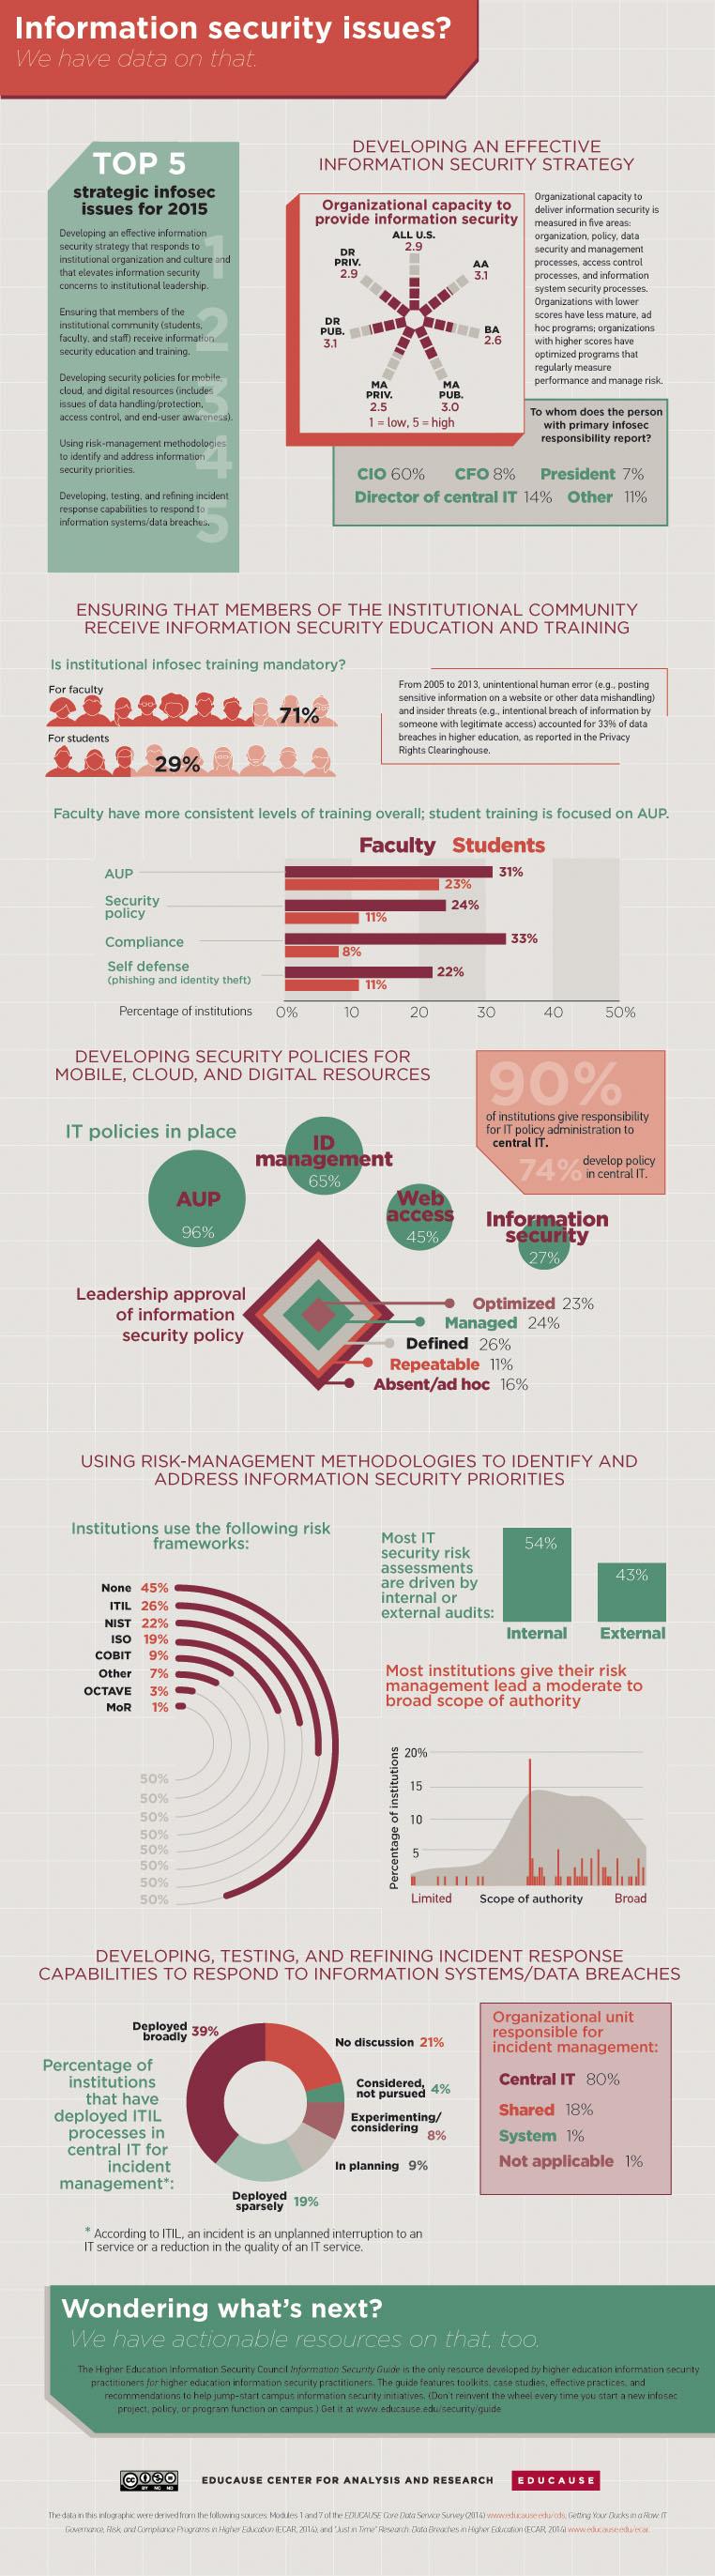 educause-infographic